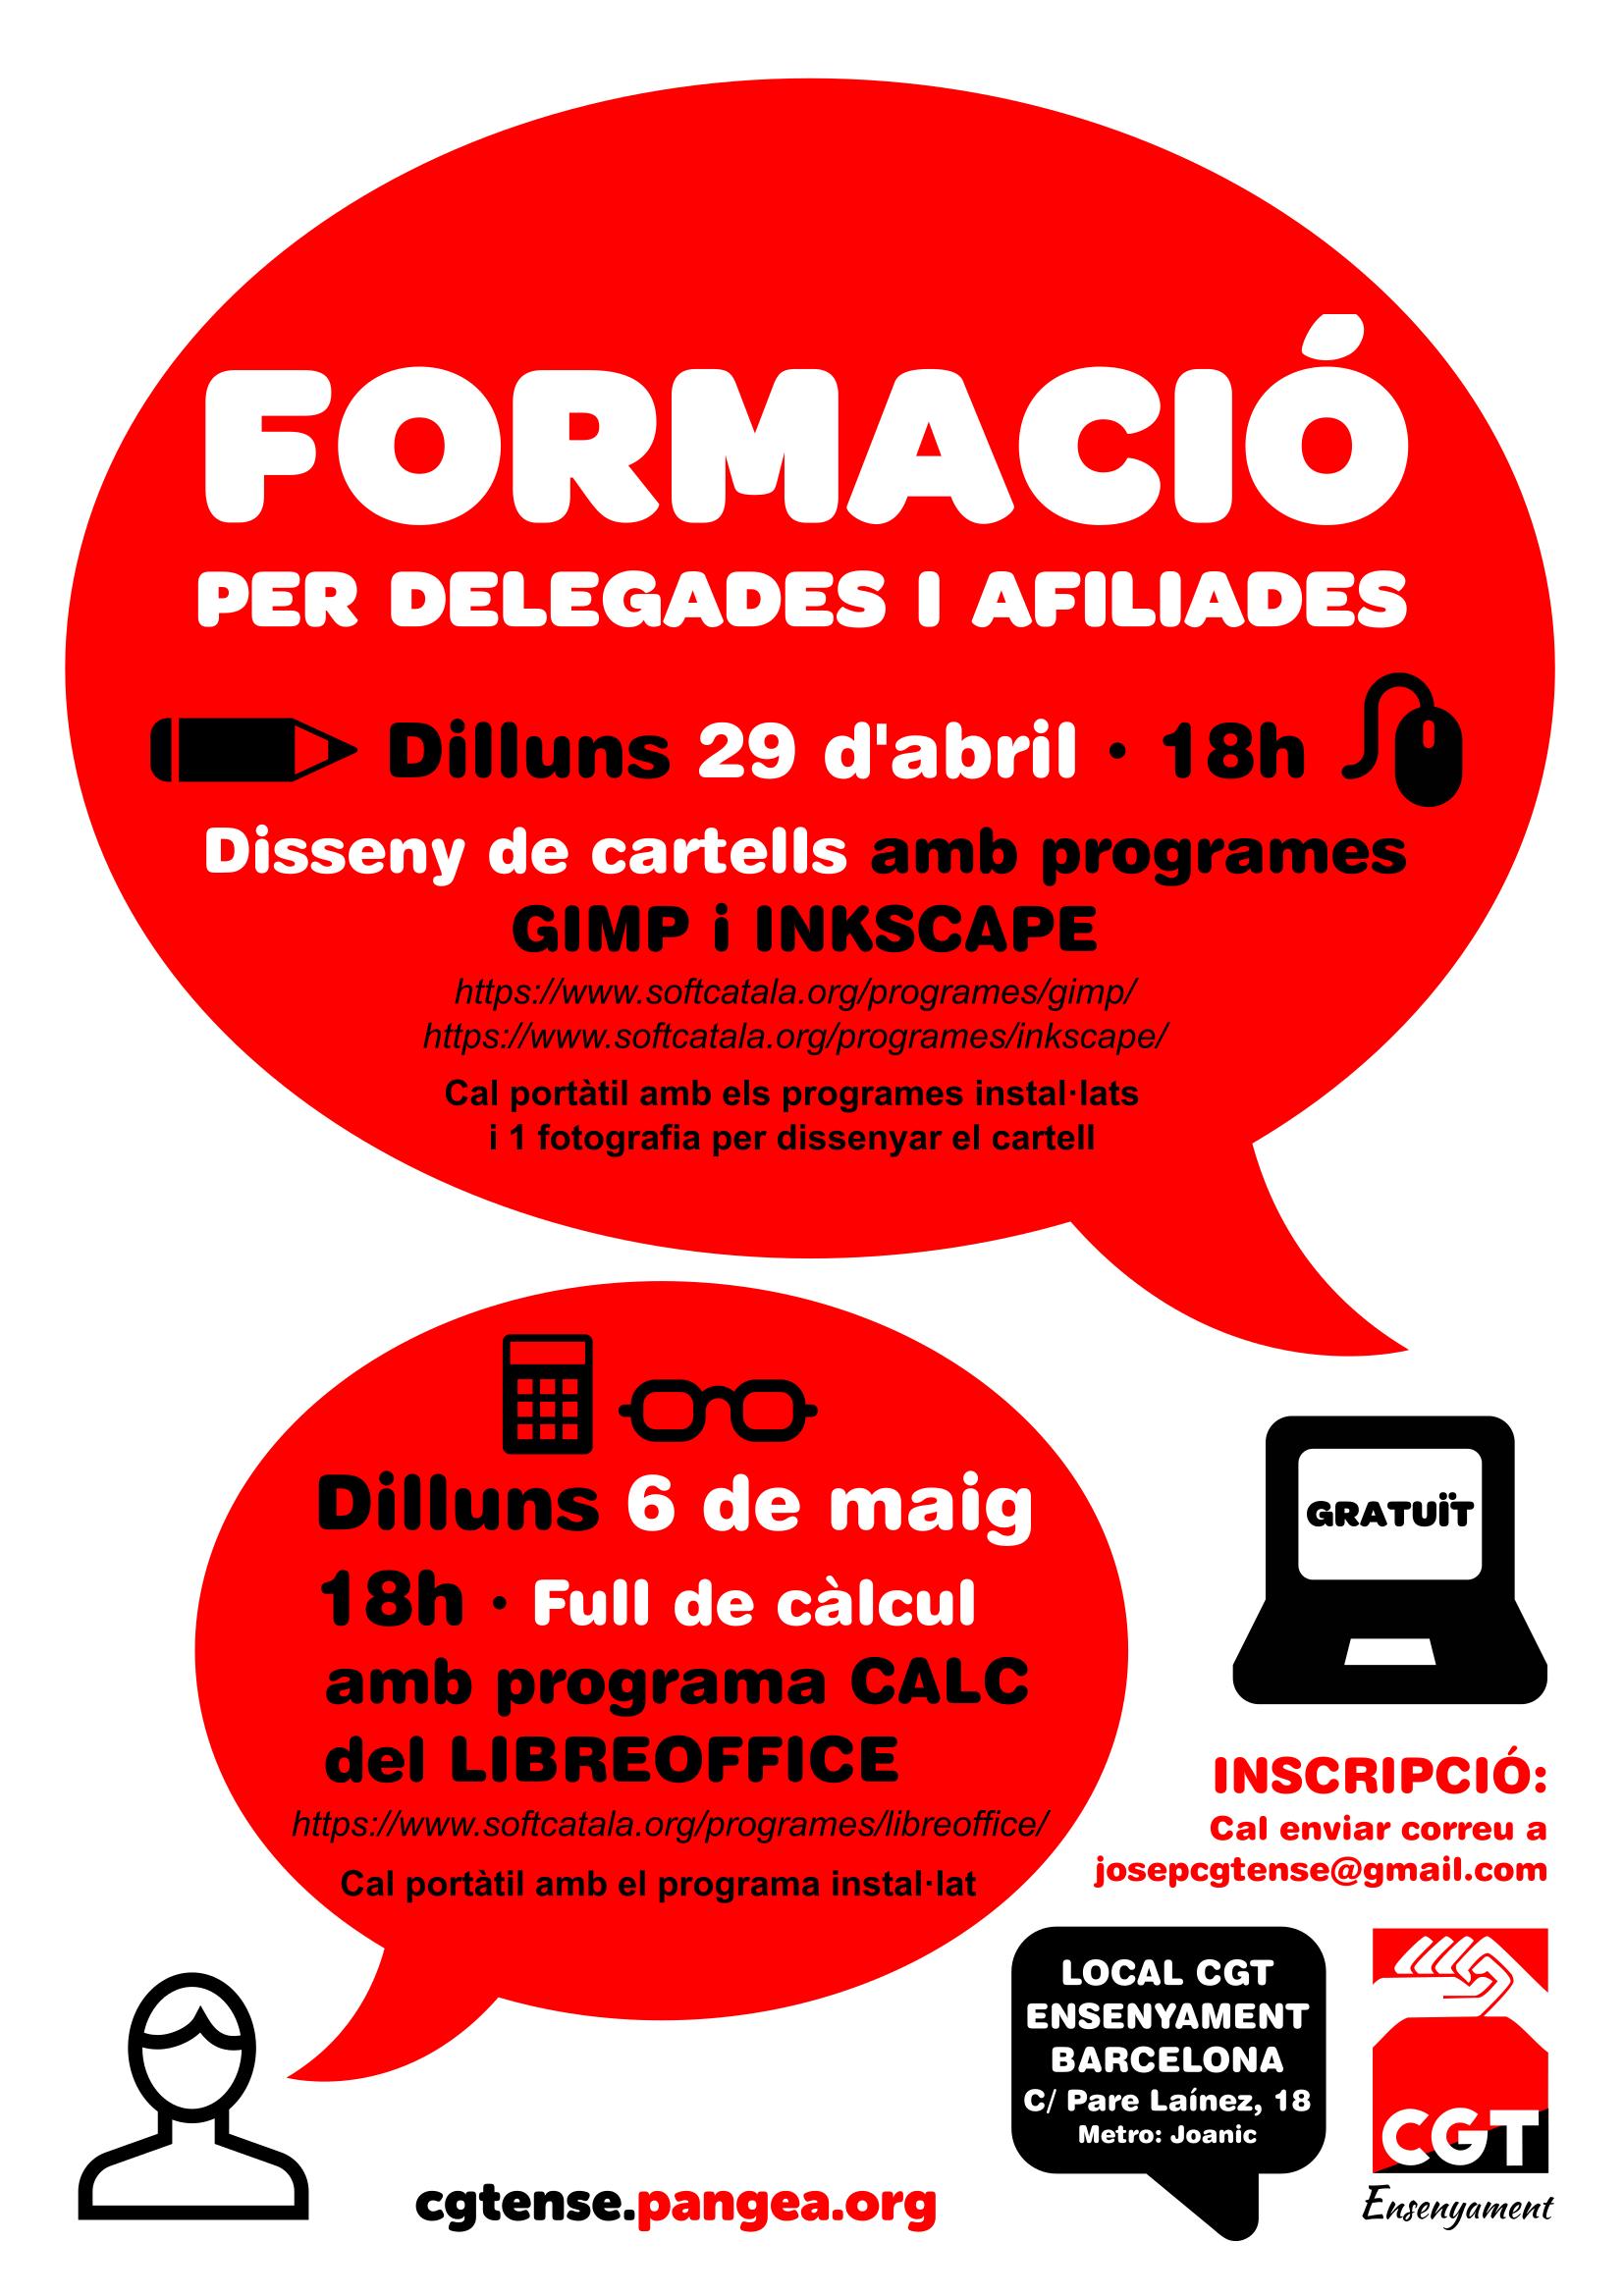 formacio_delegades_afiliades_2019.png